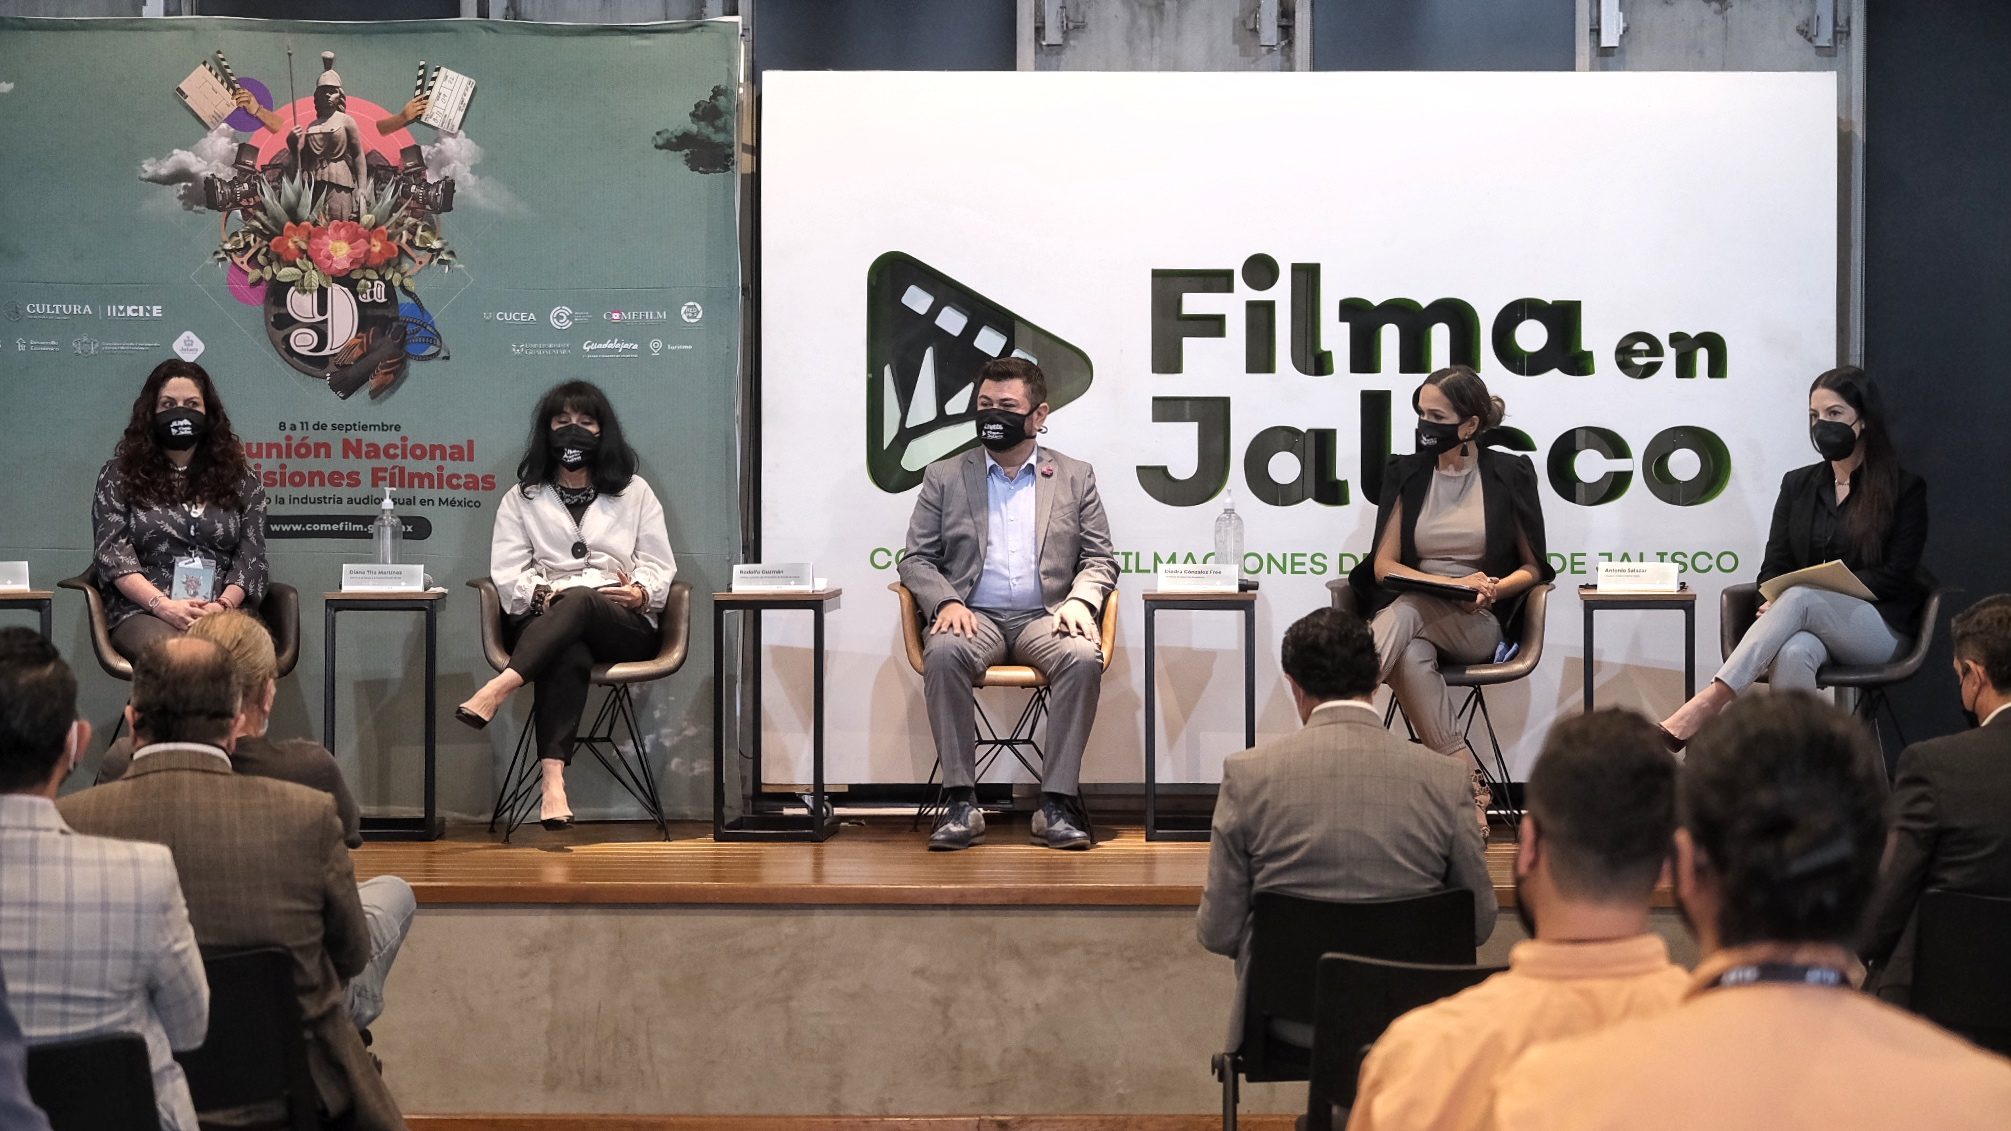 Arranca la 9ª Reunión Nacional de Comisiones Fílmicas, Jalisco es la sede este año